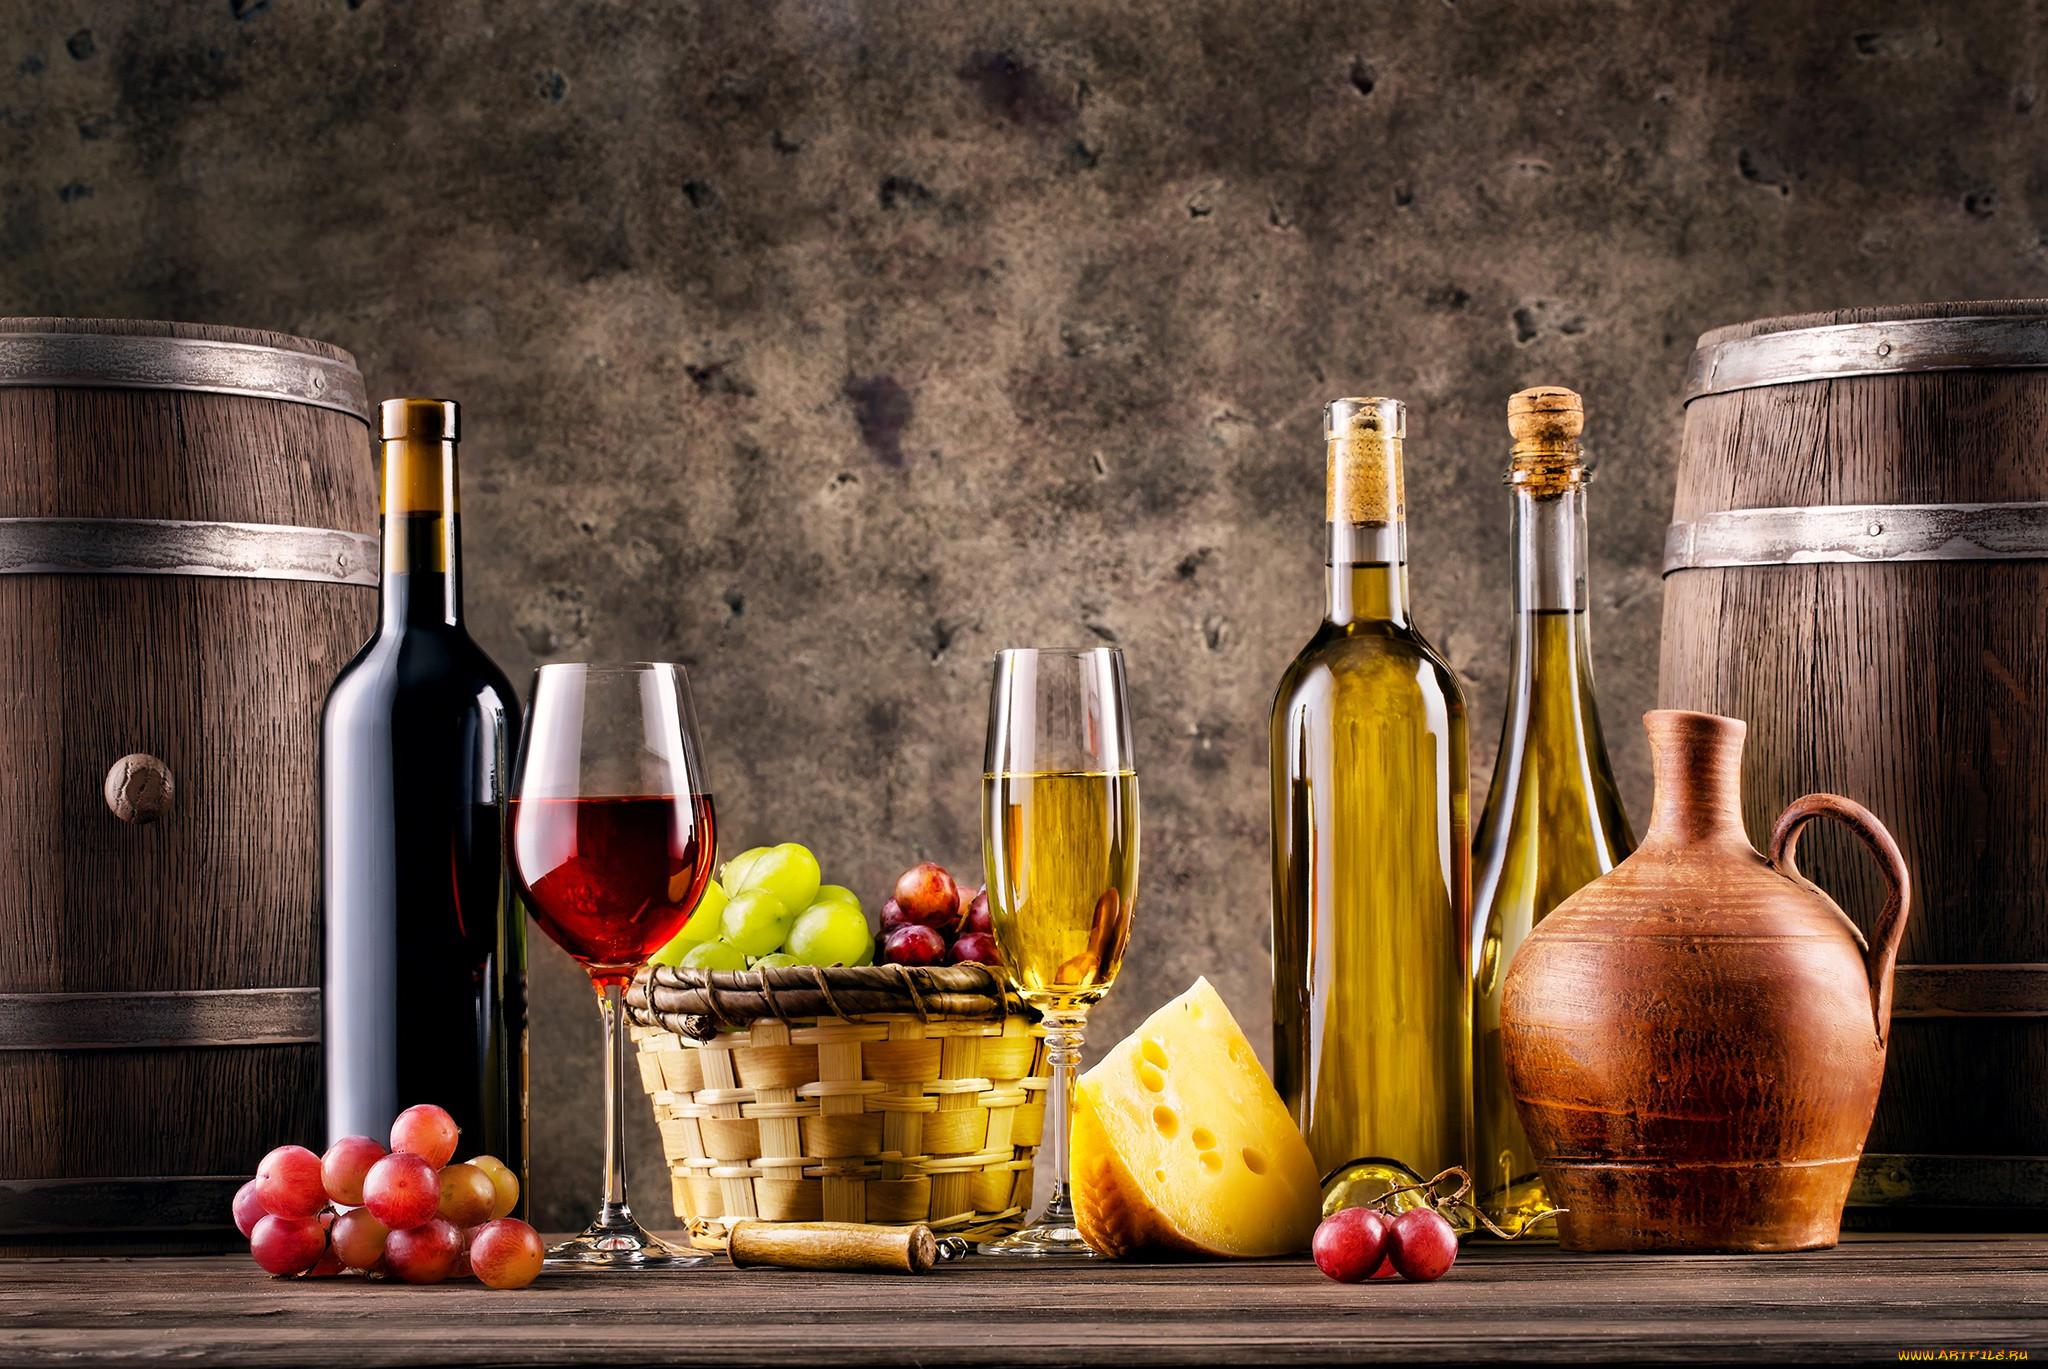 обои натюрморты с бутылкой и фруктами фото живую картинке крейсеров